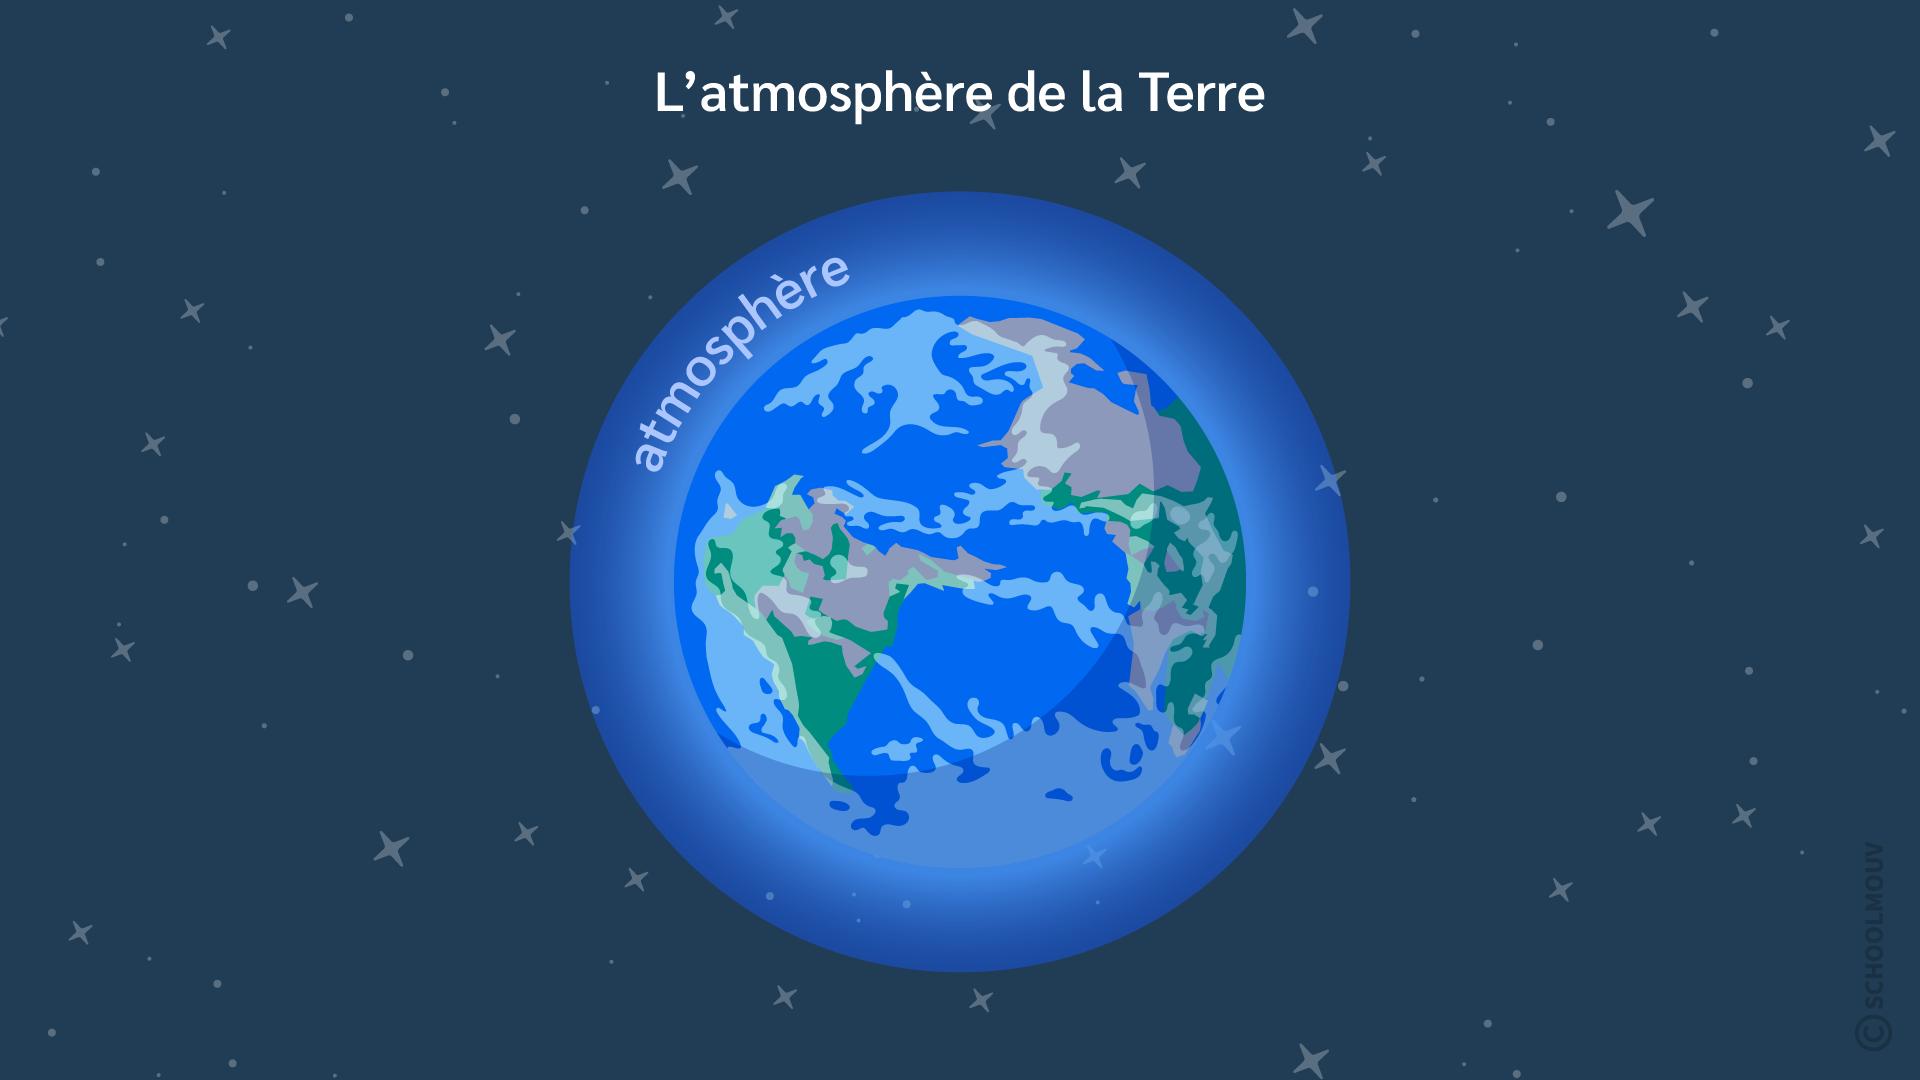 Primaire cm1 sciences technologies terre conditions vie terrestre atmosphère Terre